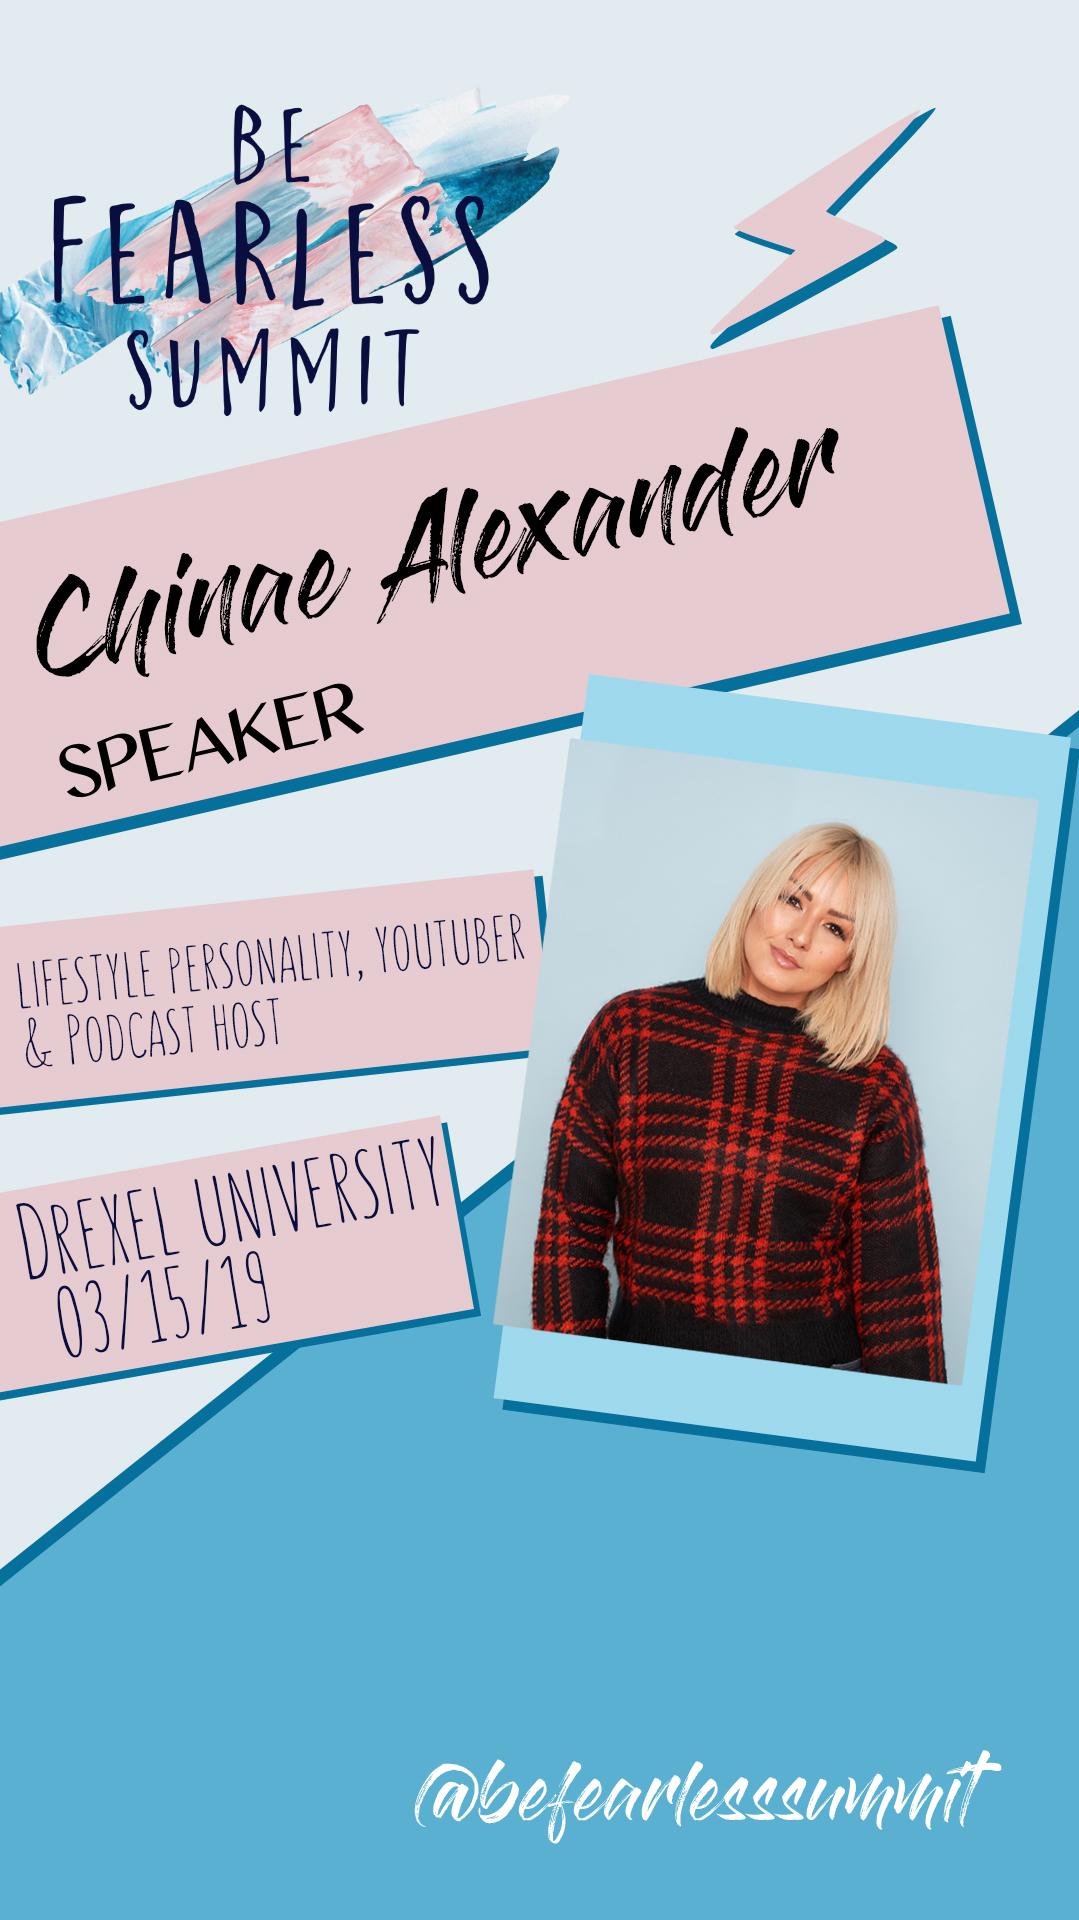 Chinae Alexander_new (3).jpg